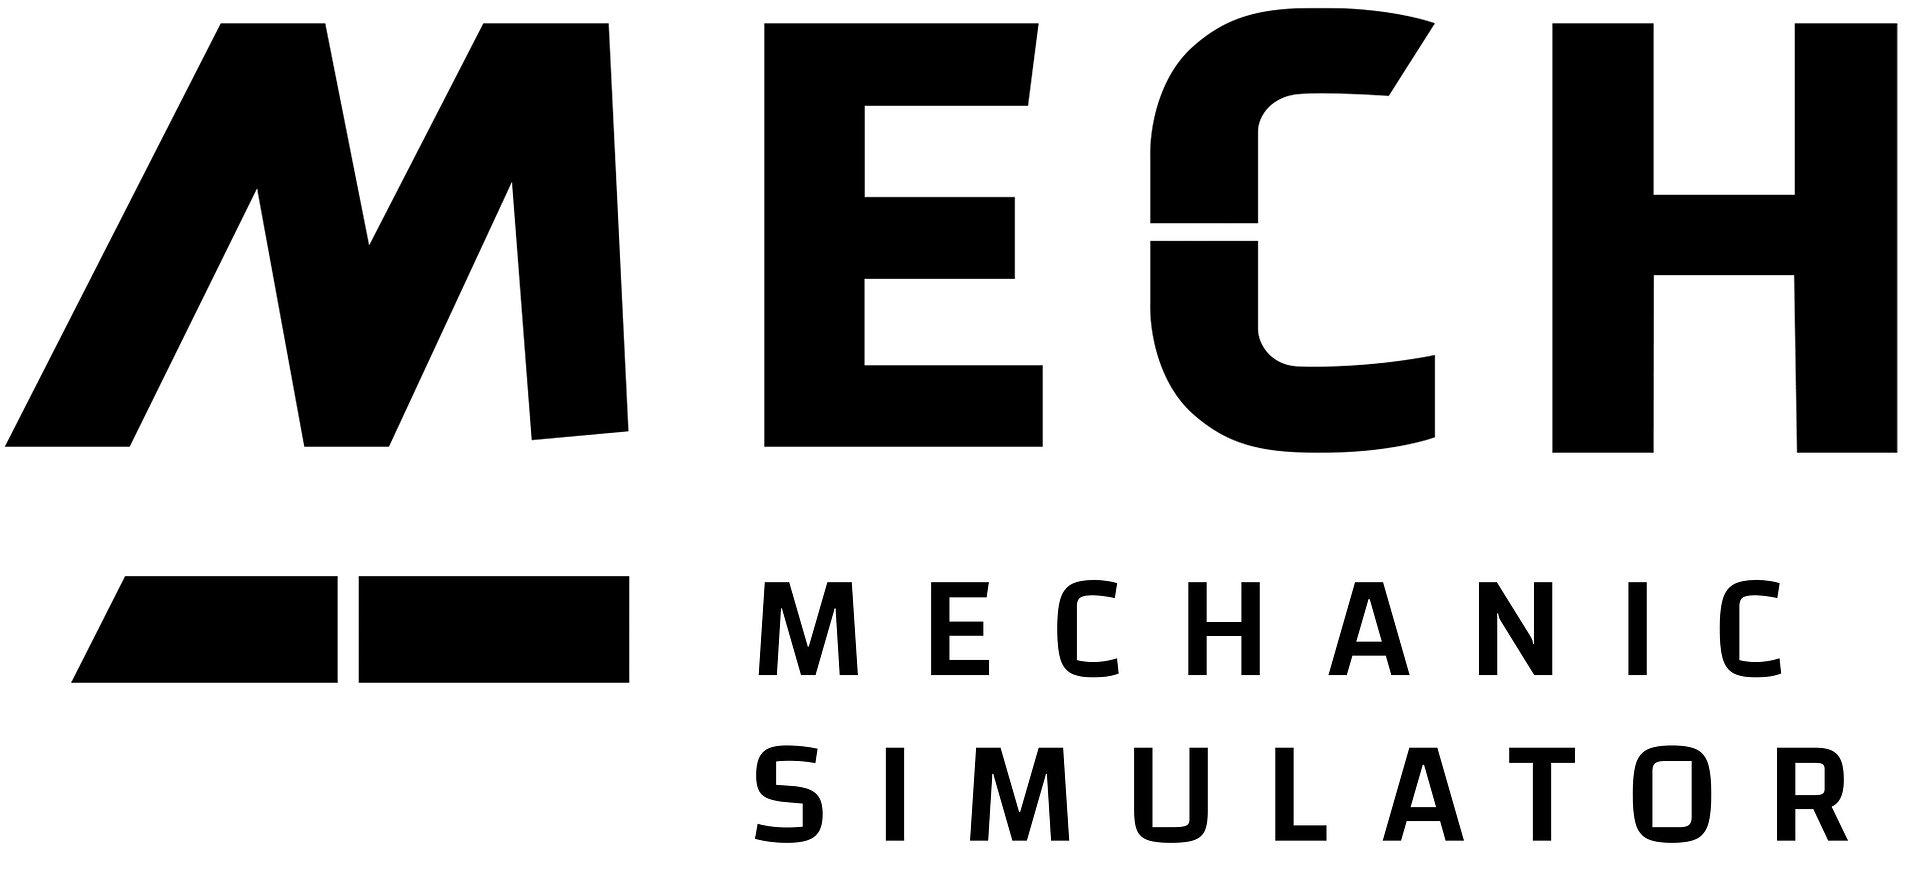 Stalowe kolosy trafią na warsztat 25 marca. Premierowy zwiastun Mech Mechanic Simulator.